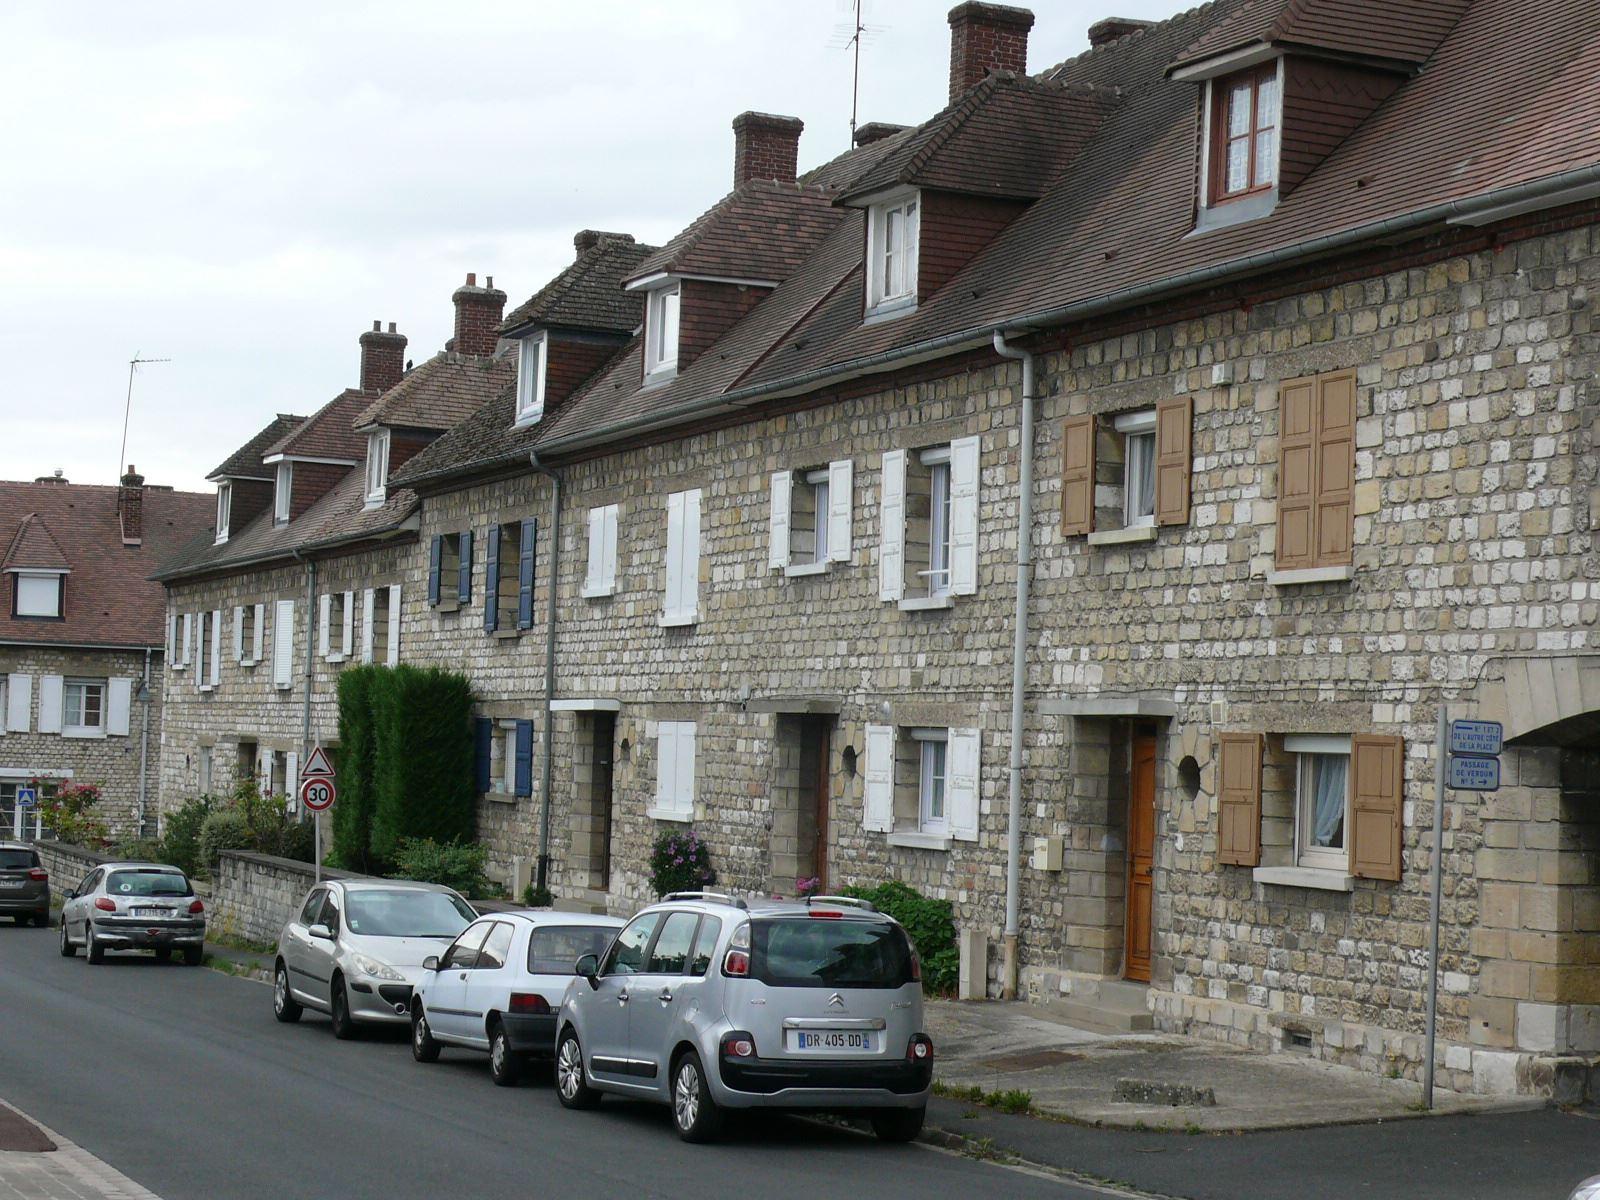 Cité-jardin Sotteville-lès-Rouen (visite guidée), dimanche 7 octobre 2018